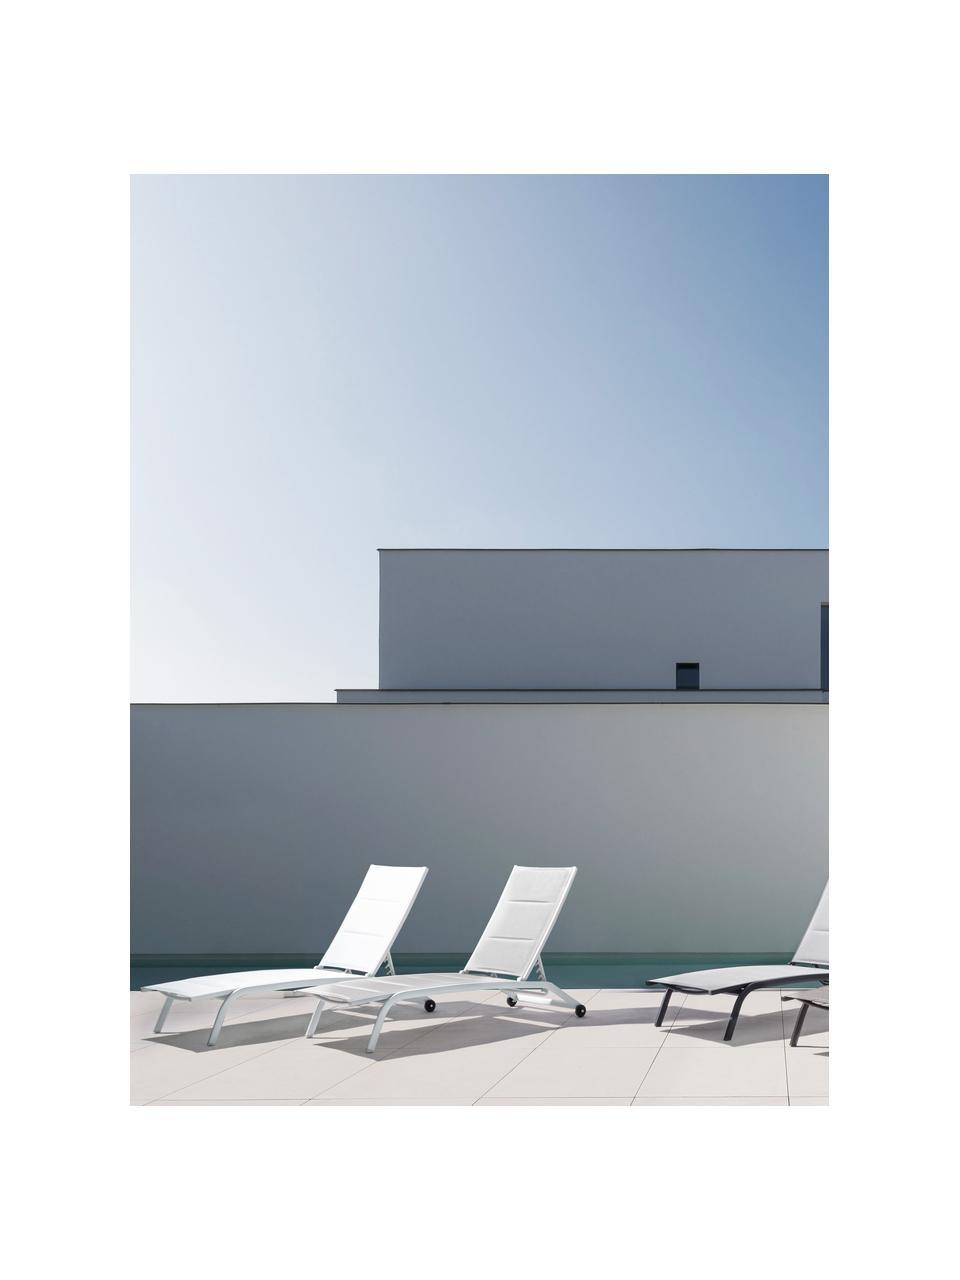 Gartenliege Cleo in Weiß, Gestell: Aluminium, pulverbeschich, Rollen: Kunststoff, Weiß, Schwarz, B 192 x T 61 cm